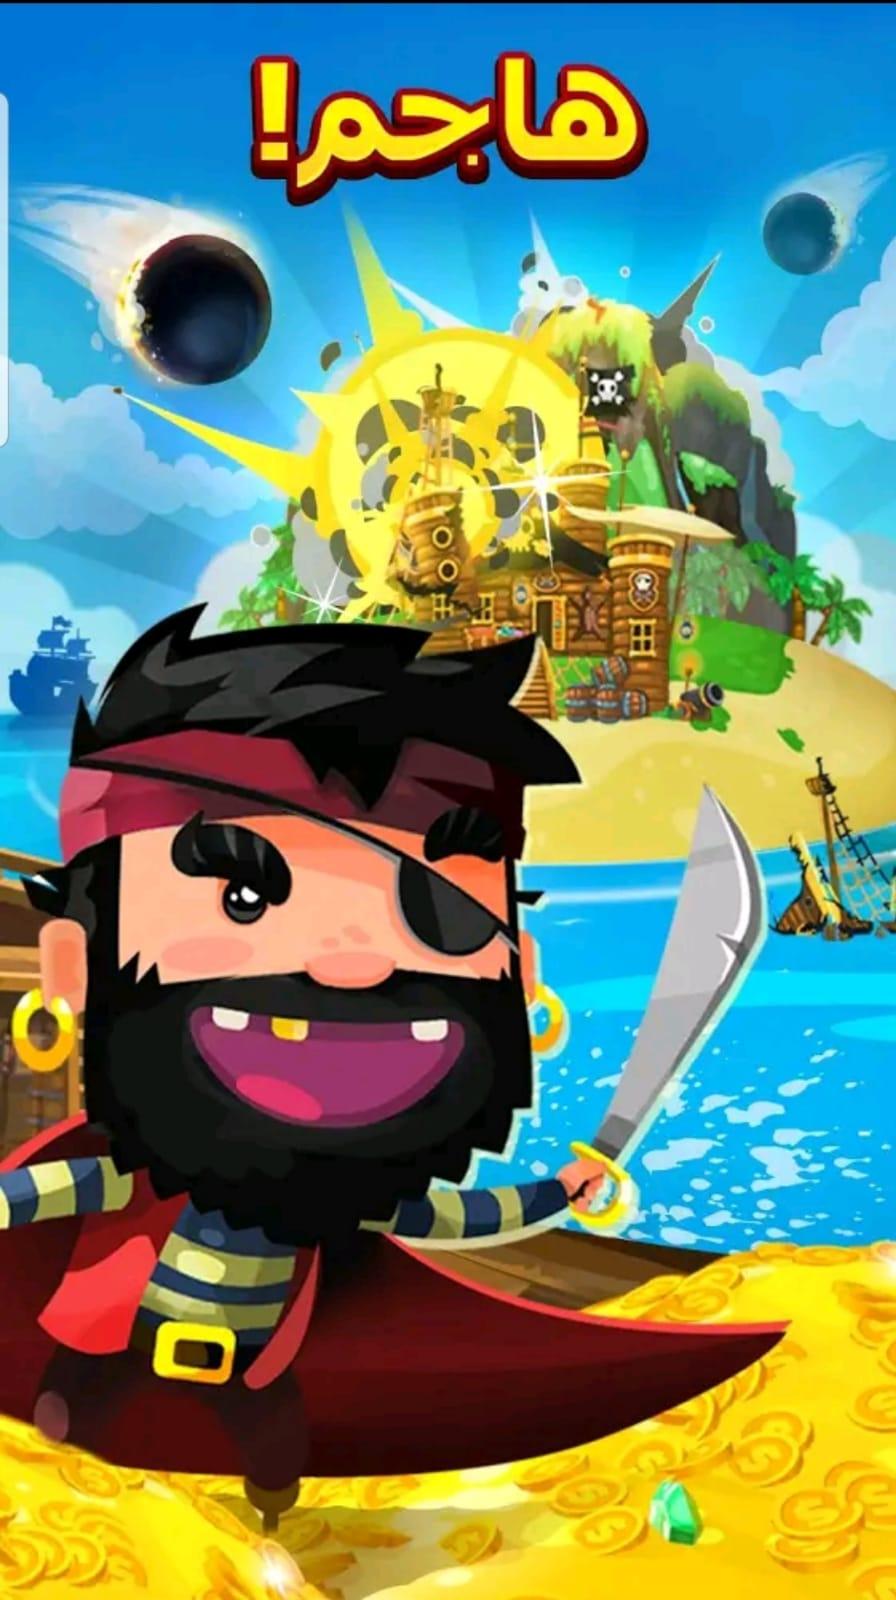 ألعاب أون لاين الممتعة والتحدي الشيق لعبة Pirate King حملها الآن مجانًا